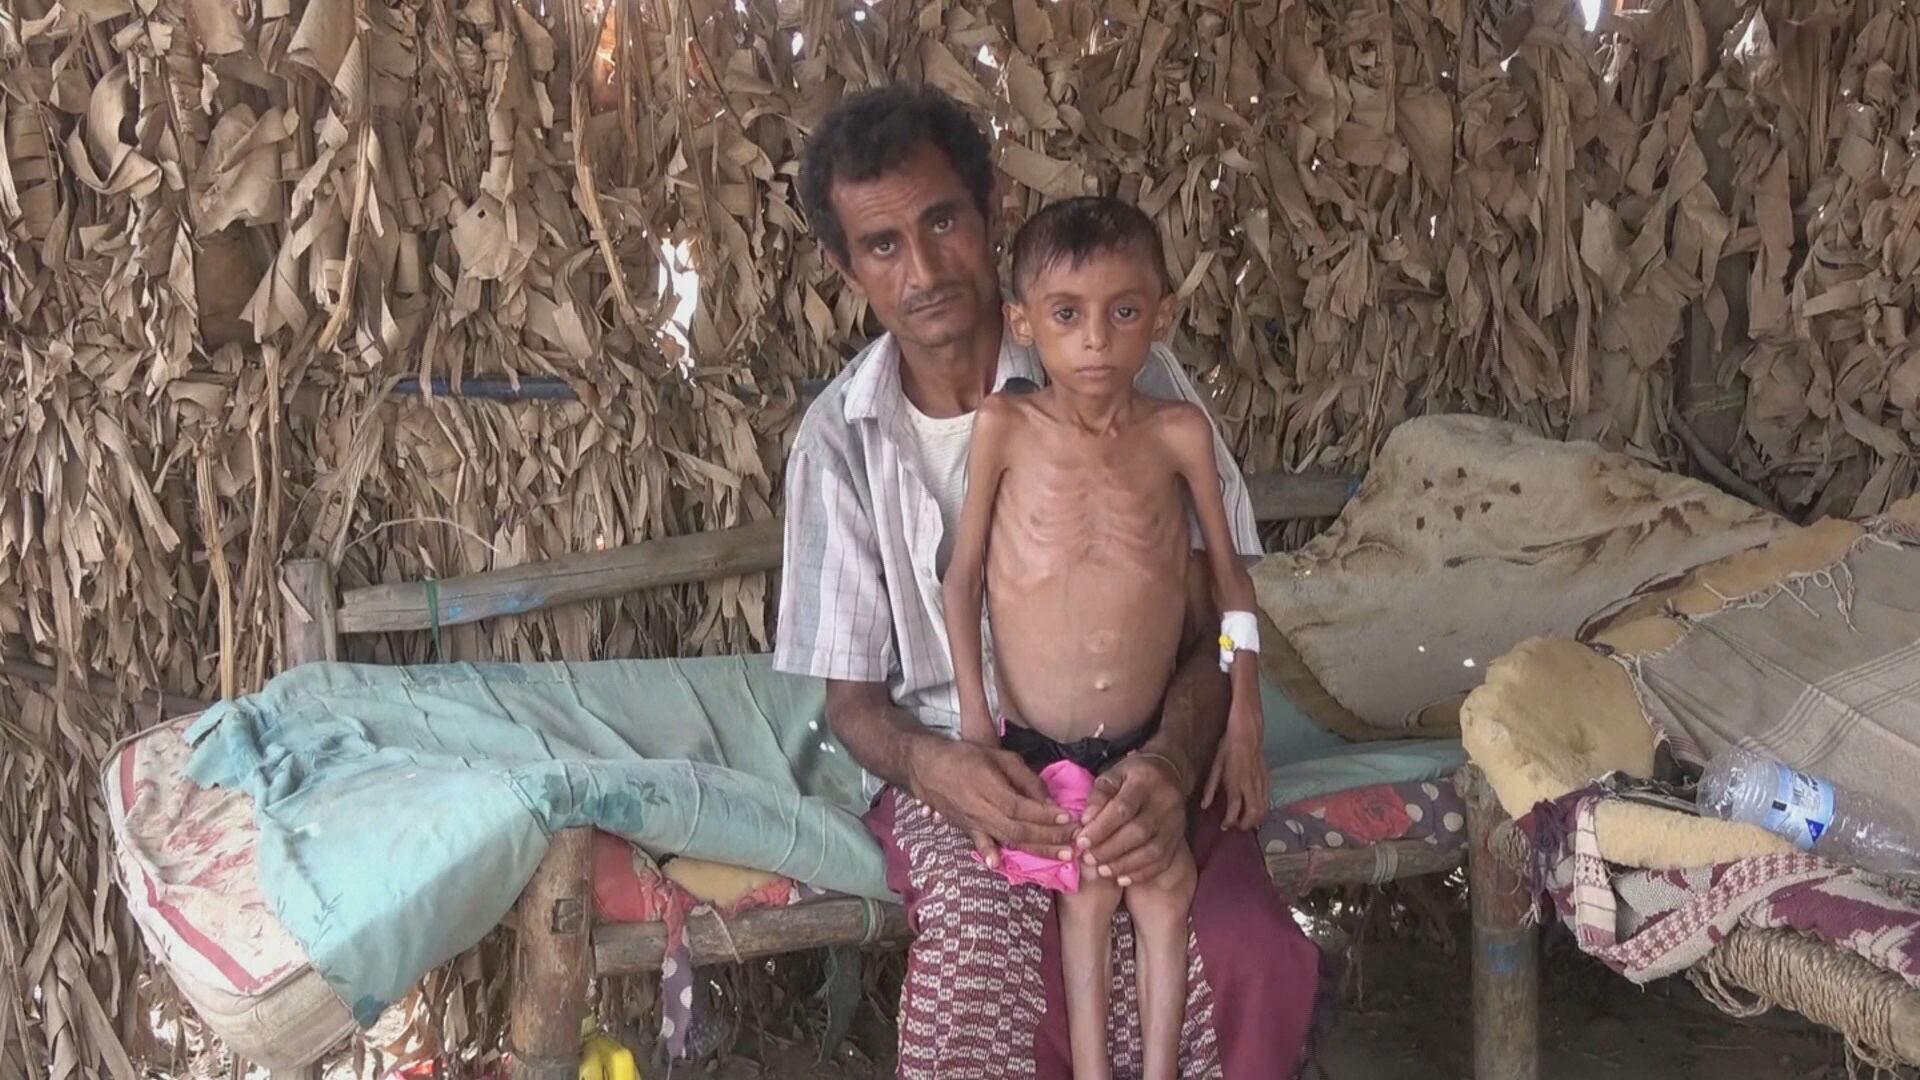 Fome aumenta durante a pandemia, alerta ONU